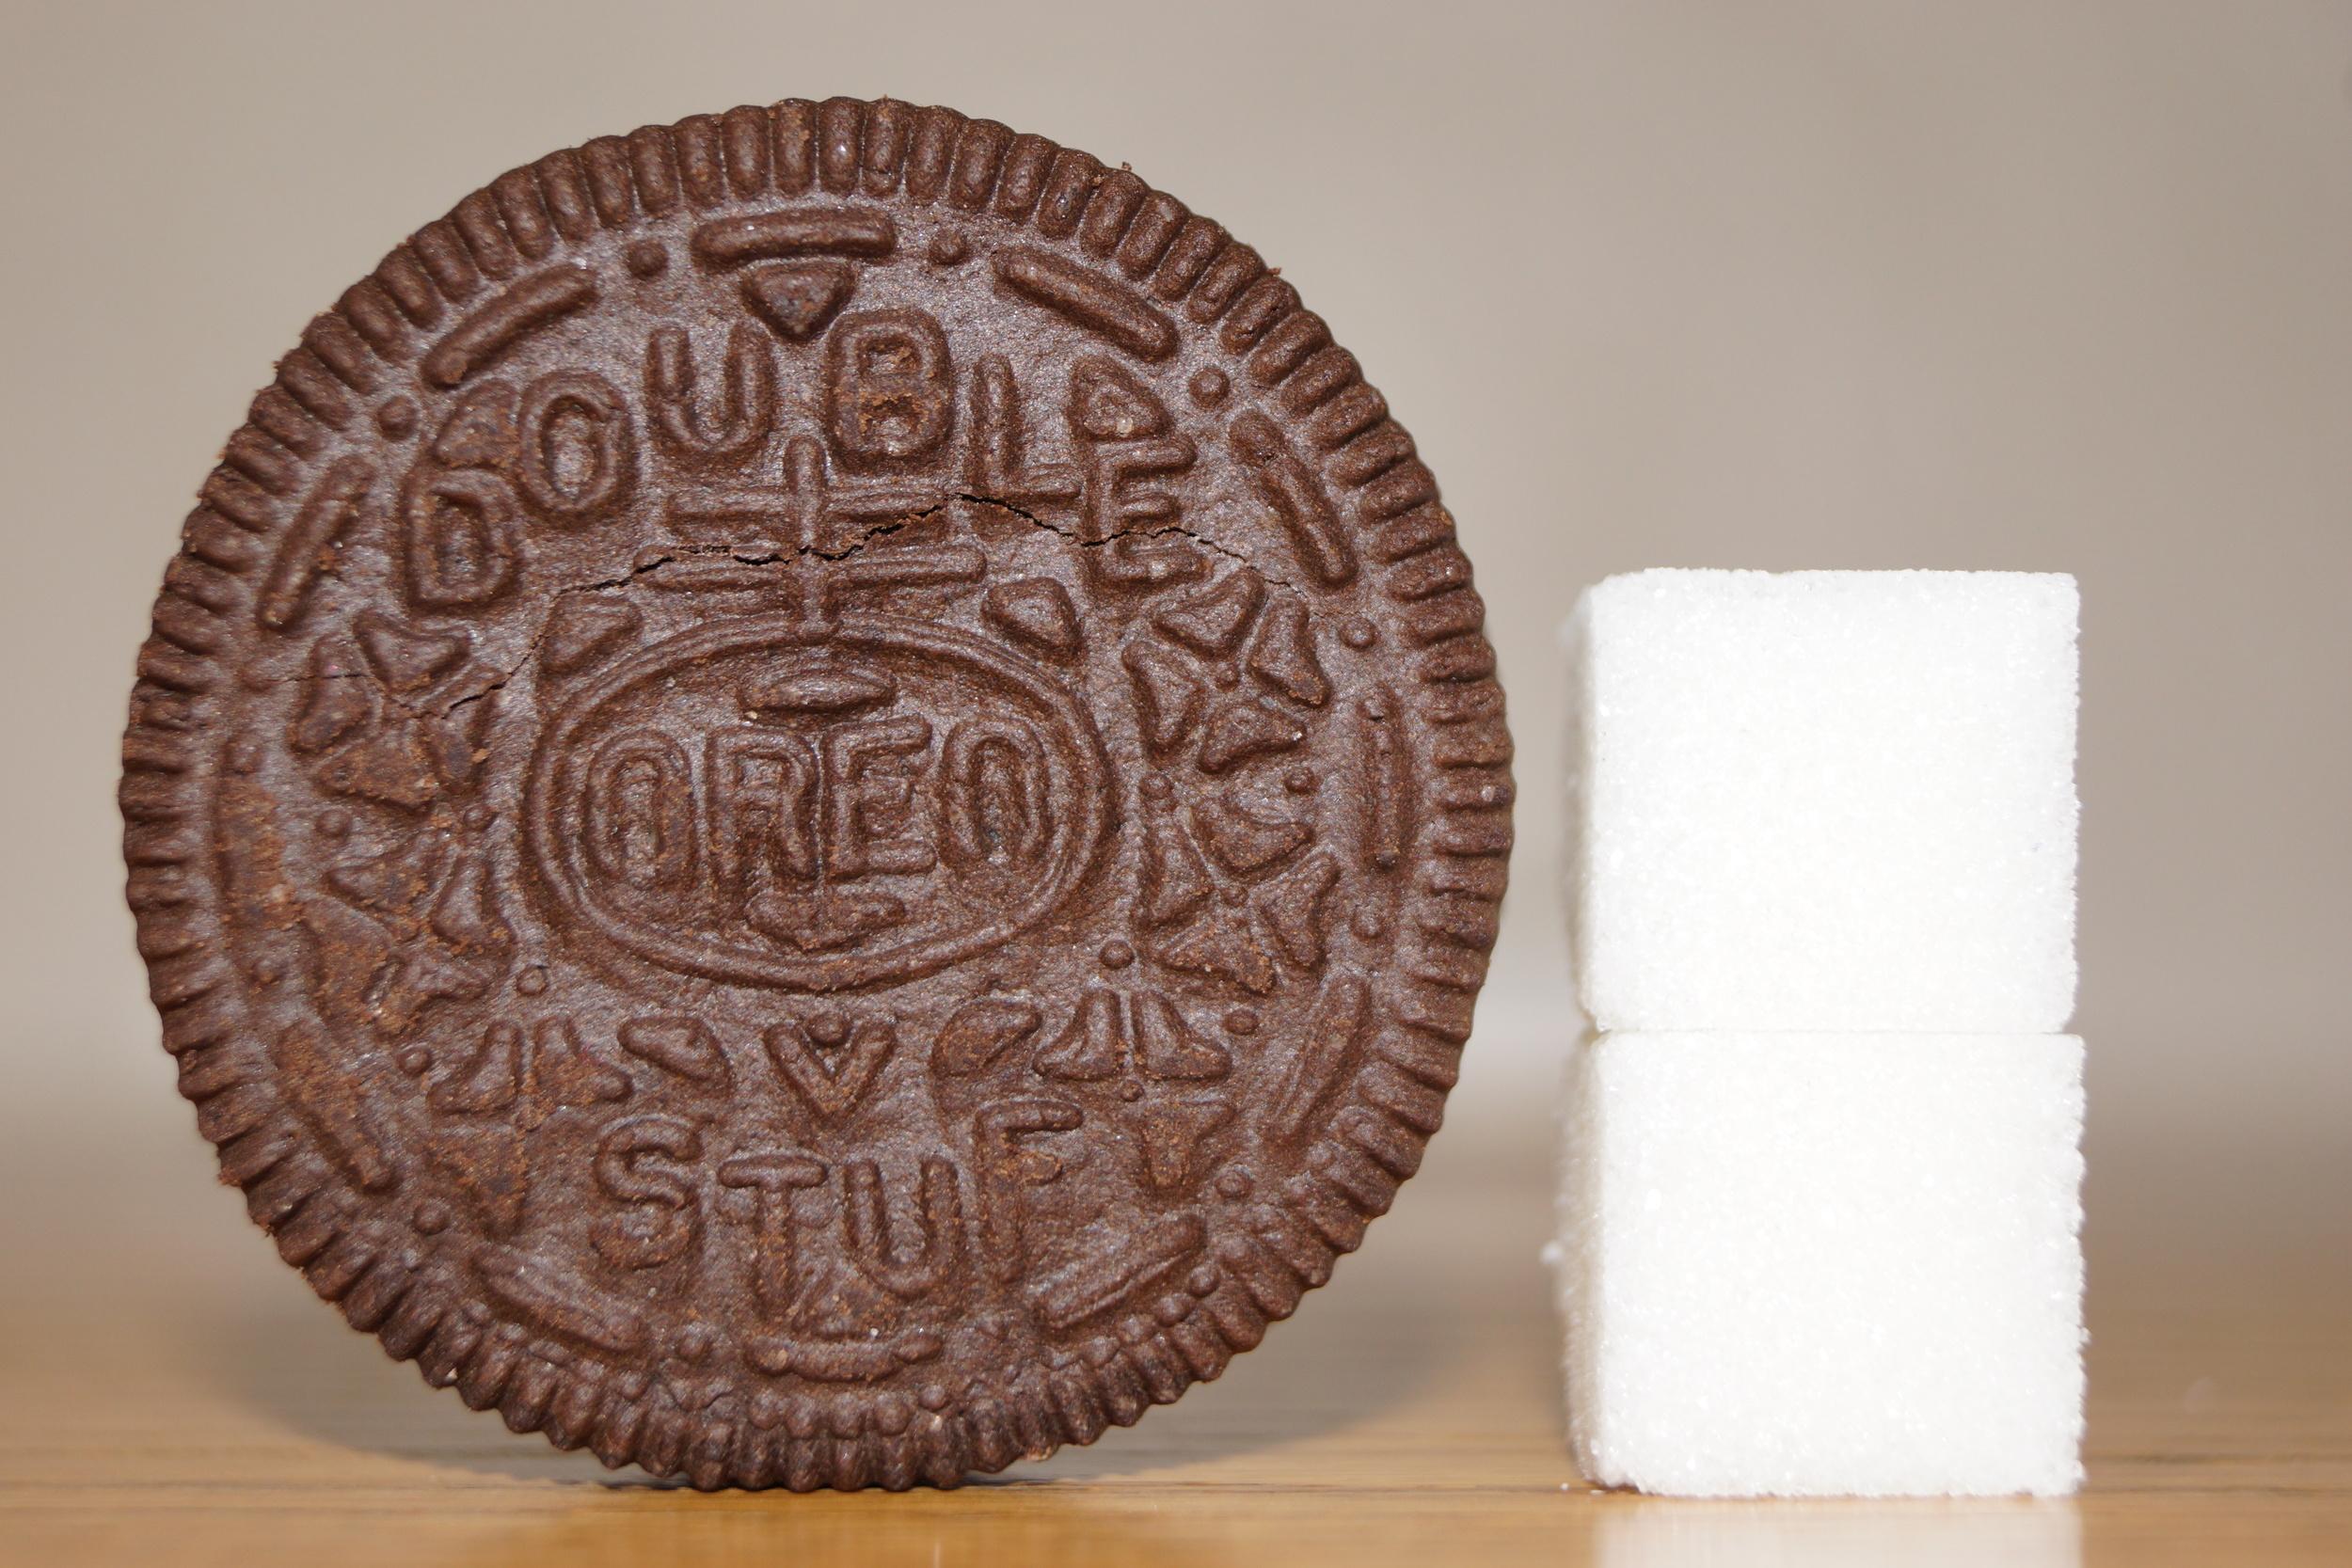 Oreo and Sugar Cube Comparison